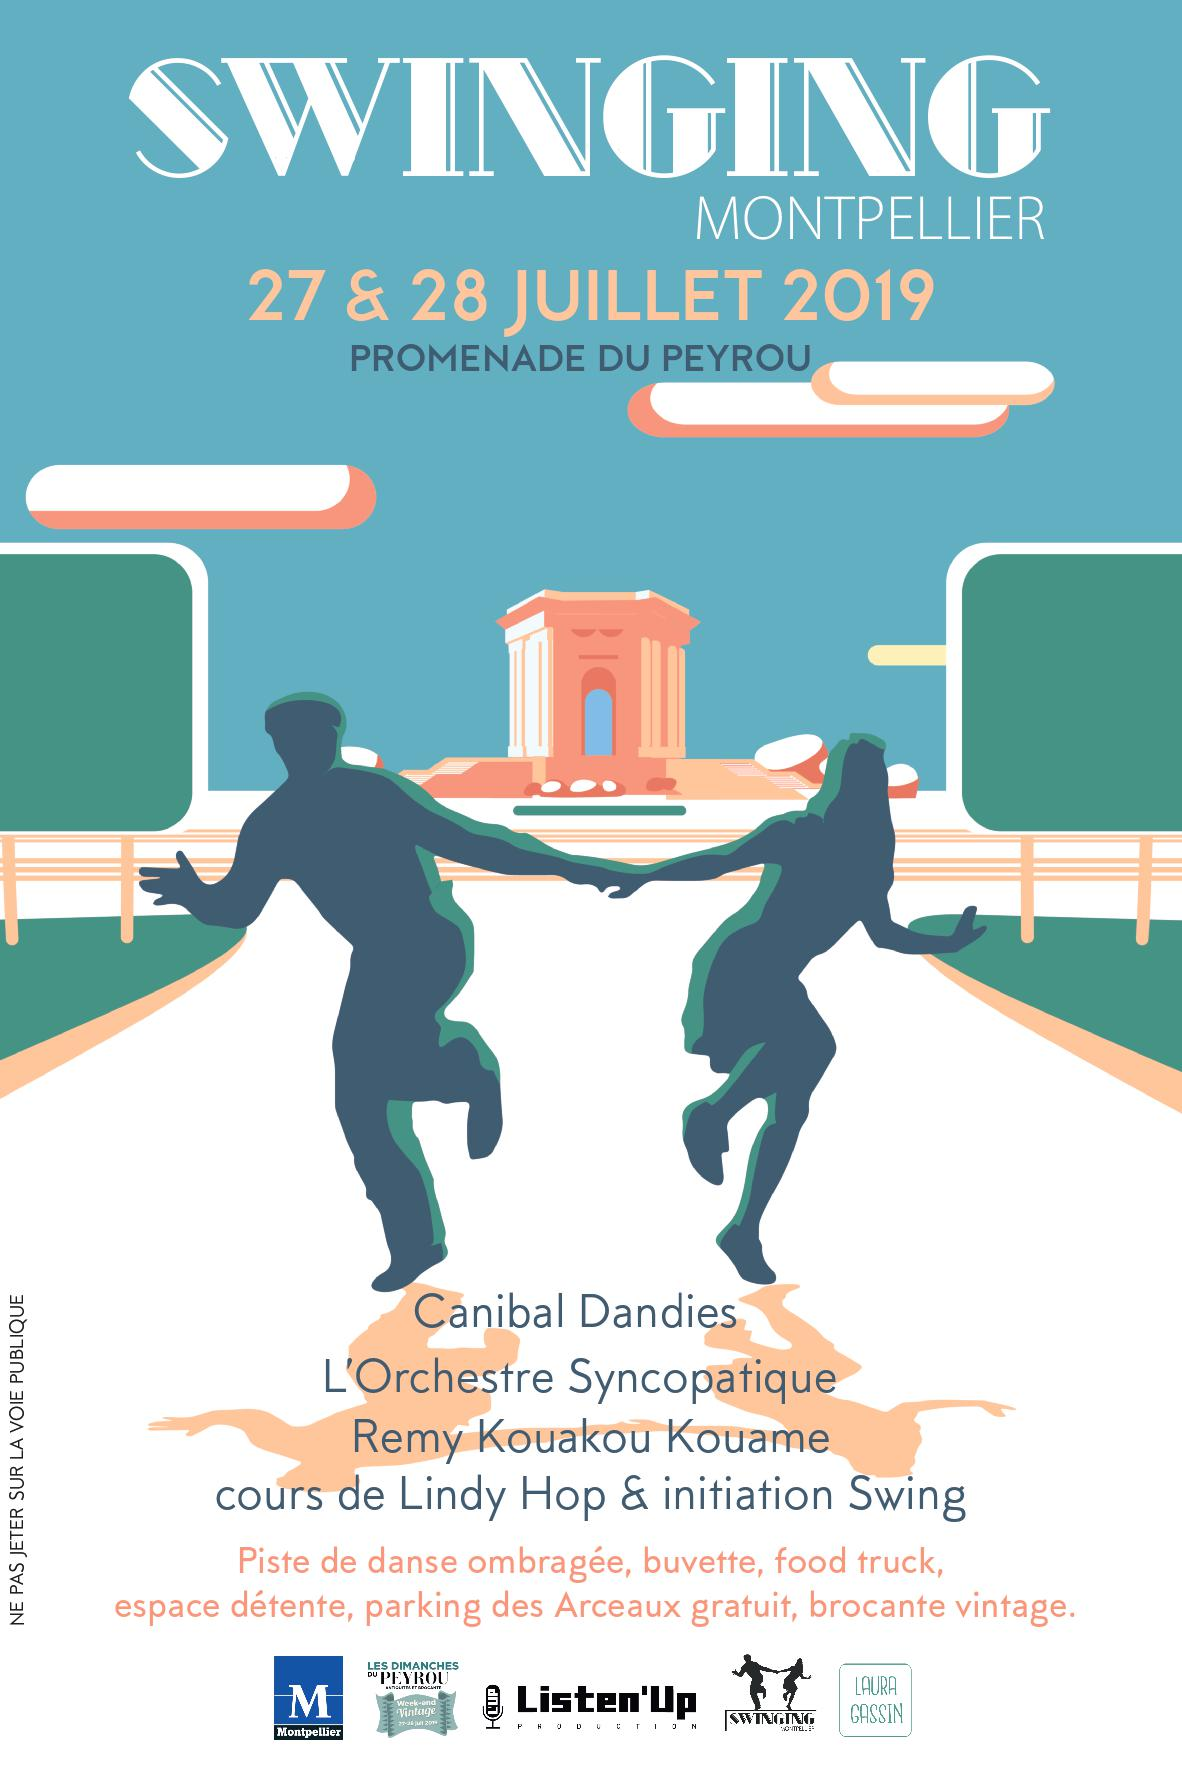 Affiche de l'année 2019 du festival de musiques et de danses swing, Swinging Montpellier